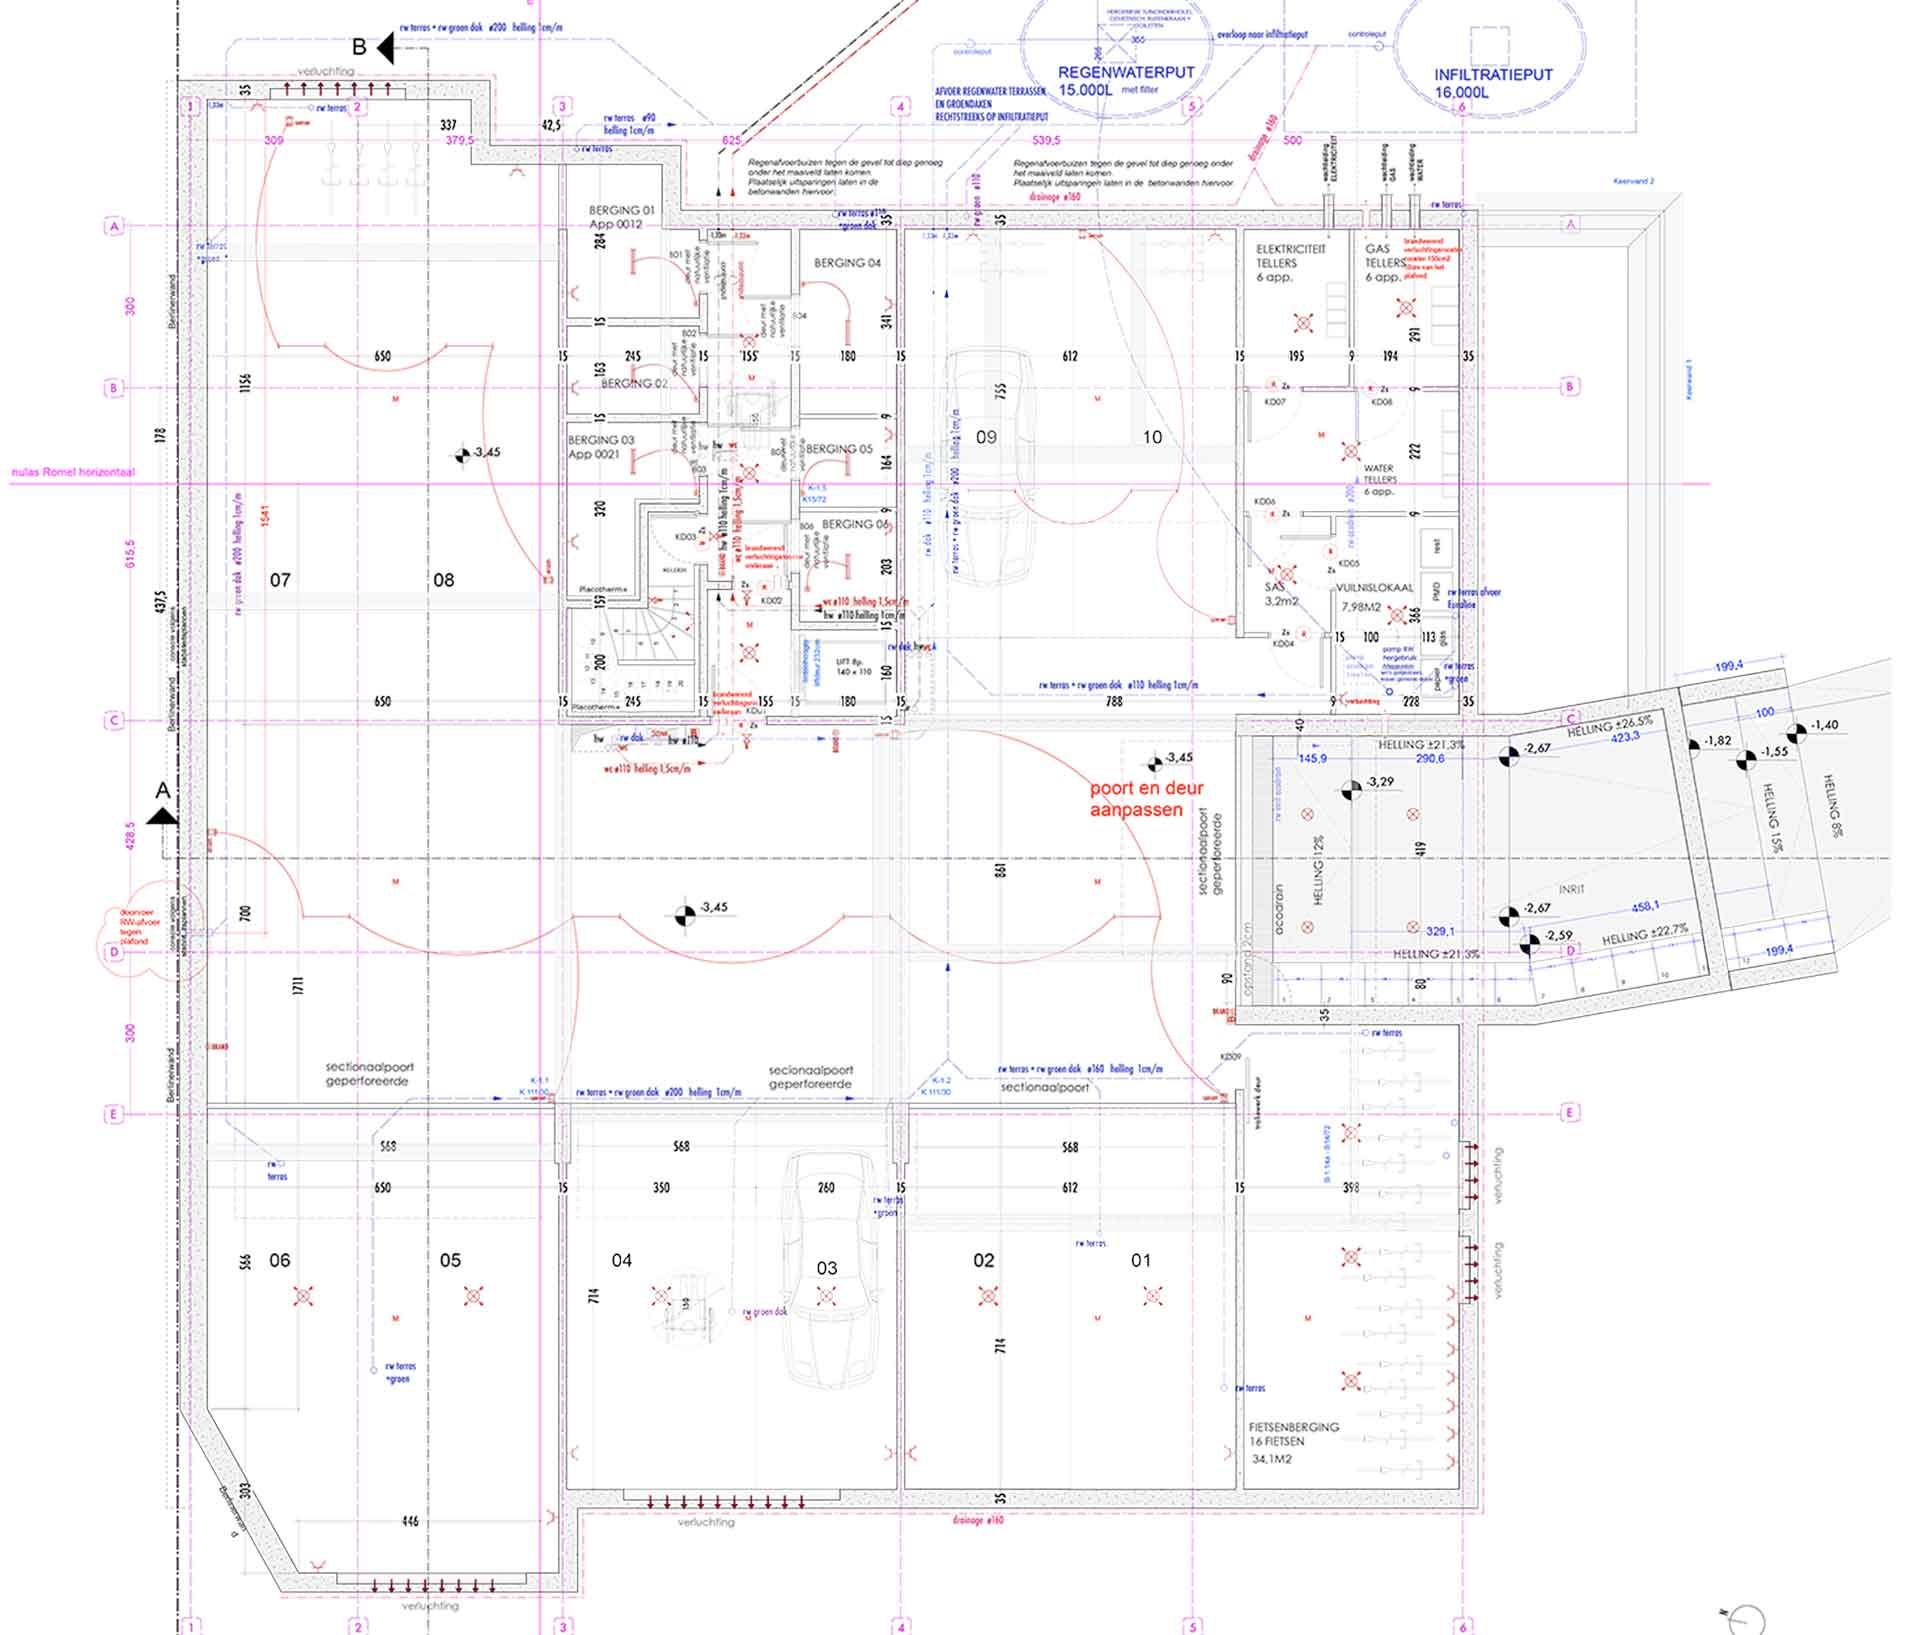 Villa <br/> Zilverlinde - image appartement-te-koop-kortrijk-villa-zilverlinde-1 on https://hoprom.be